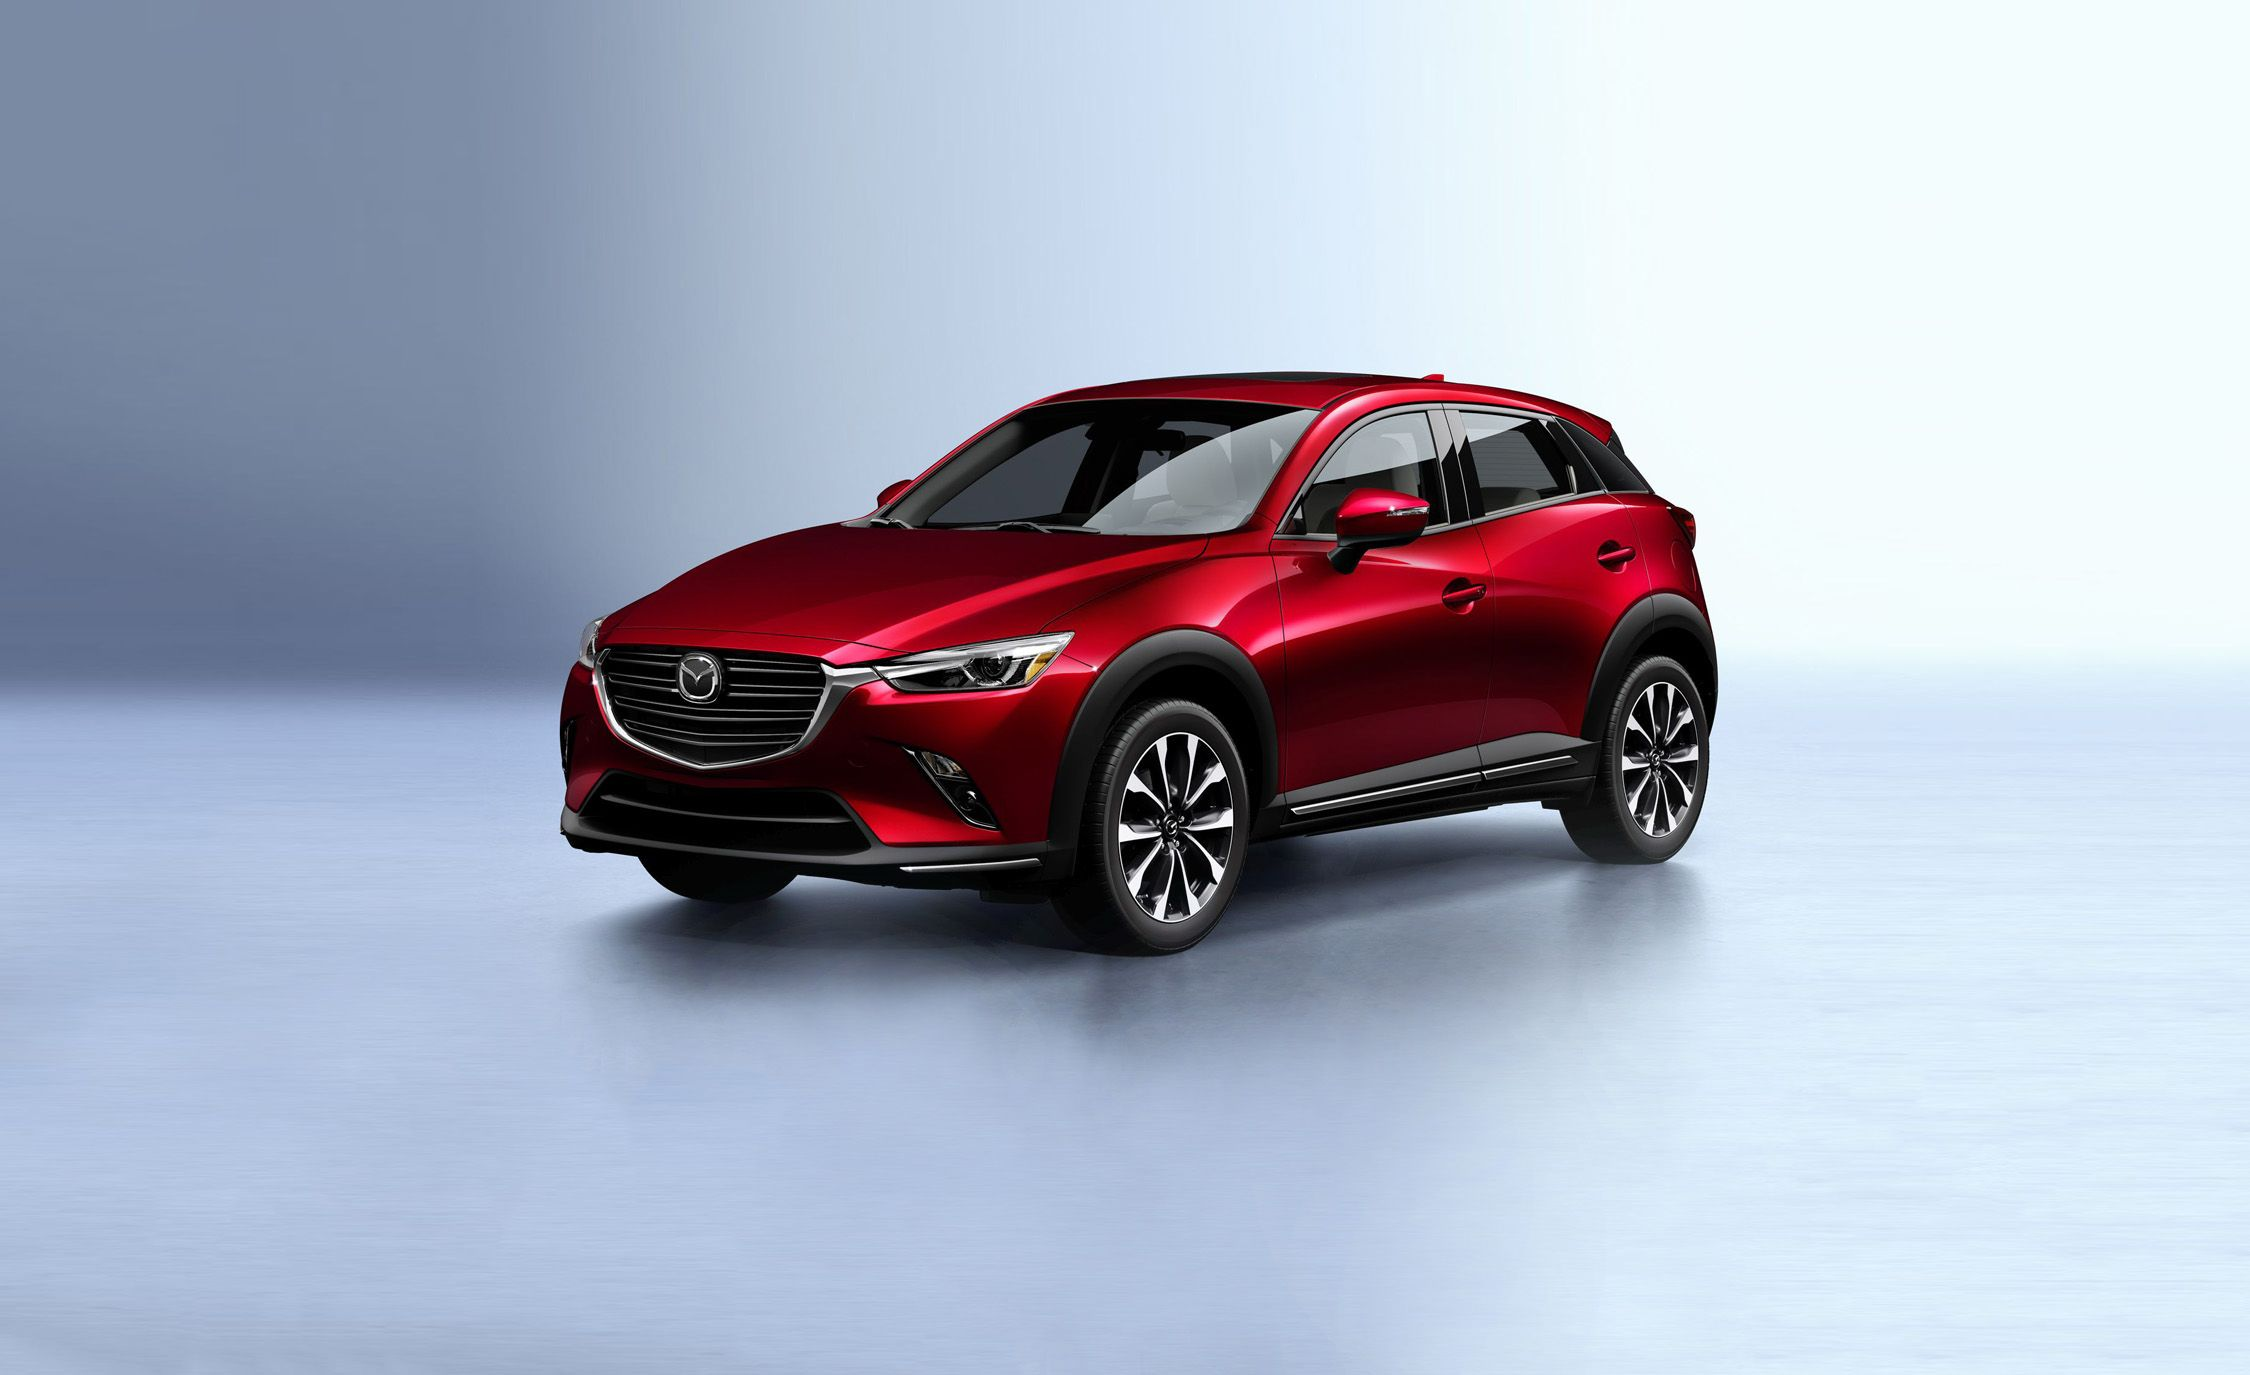 Exceptional 2019 Mazda CX 3: Adding Class